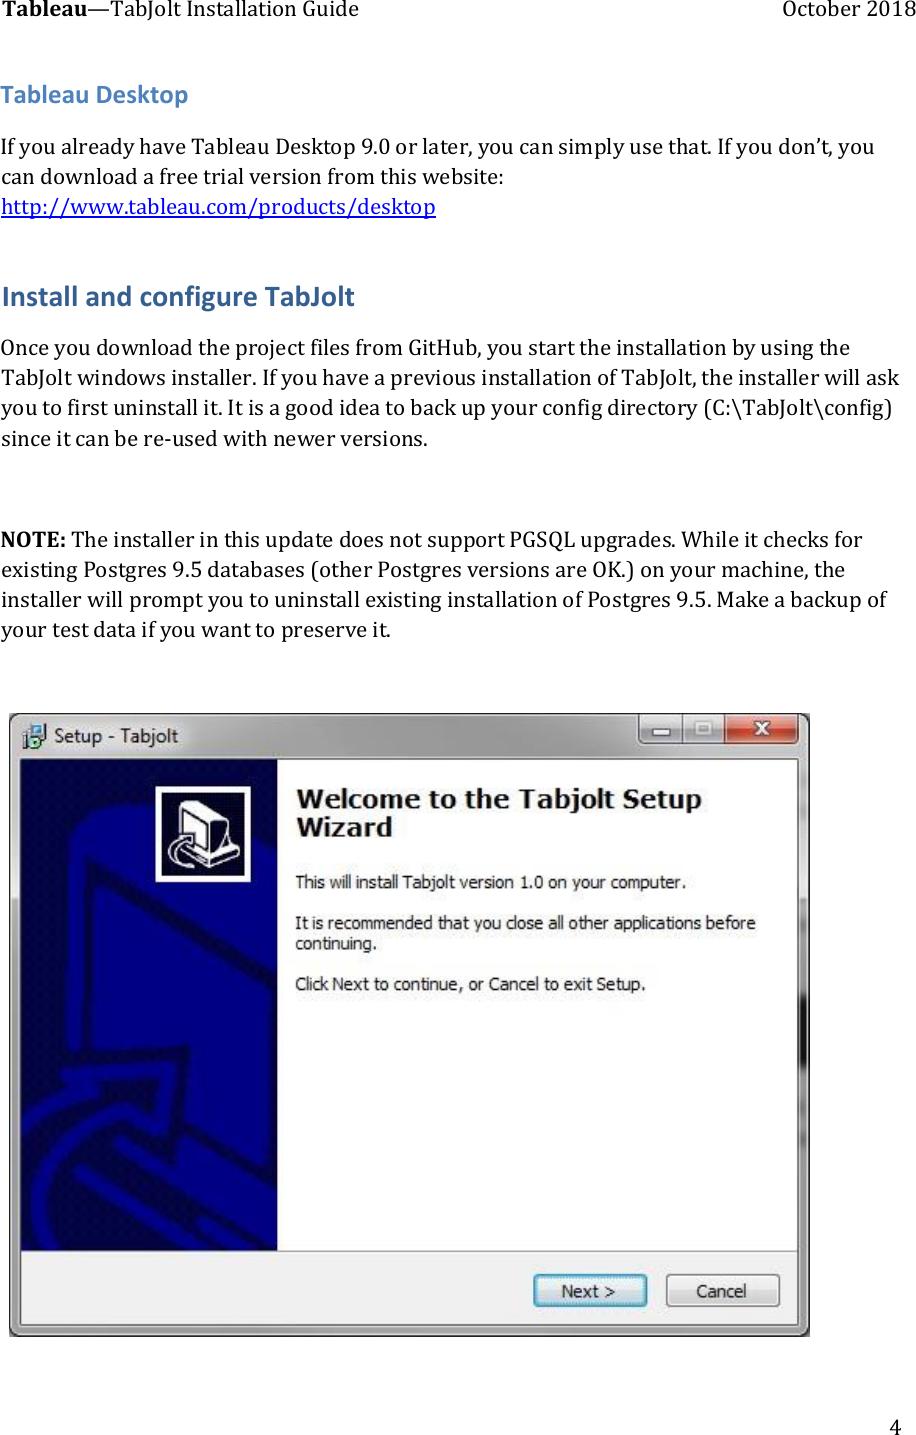 Tab Jolt Installation Guide